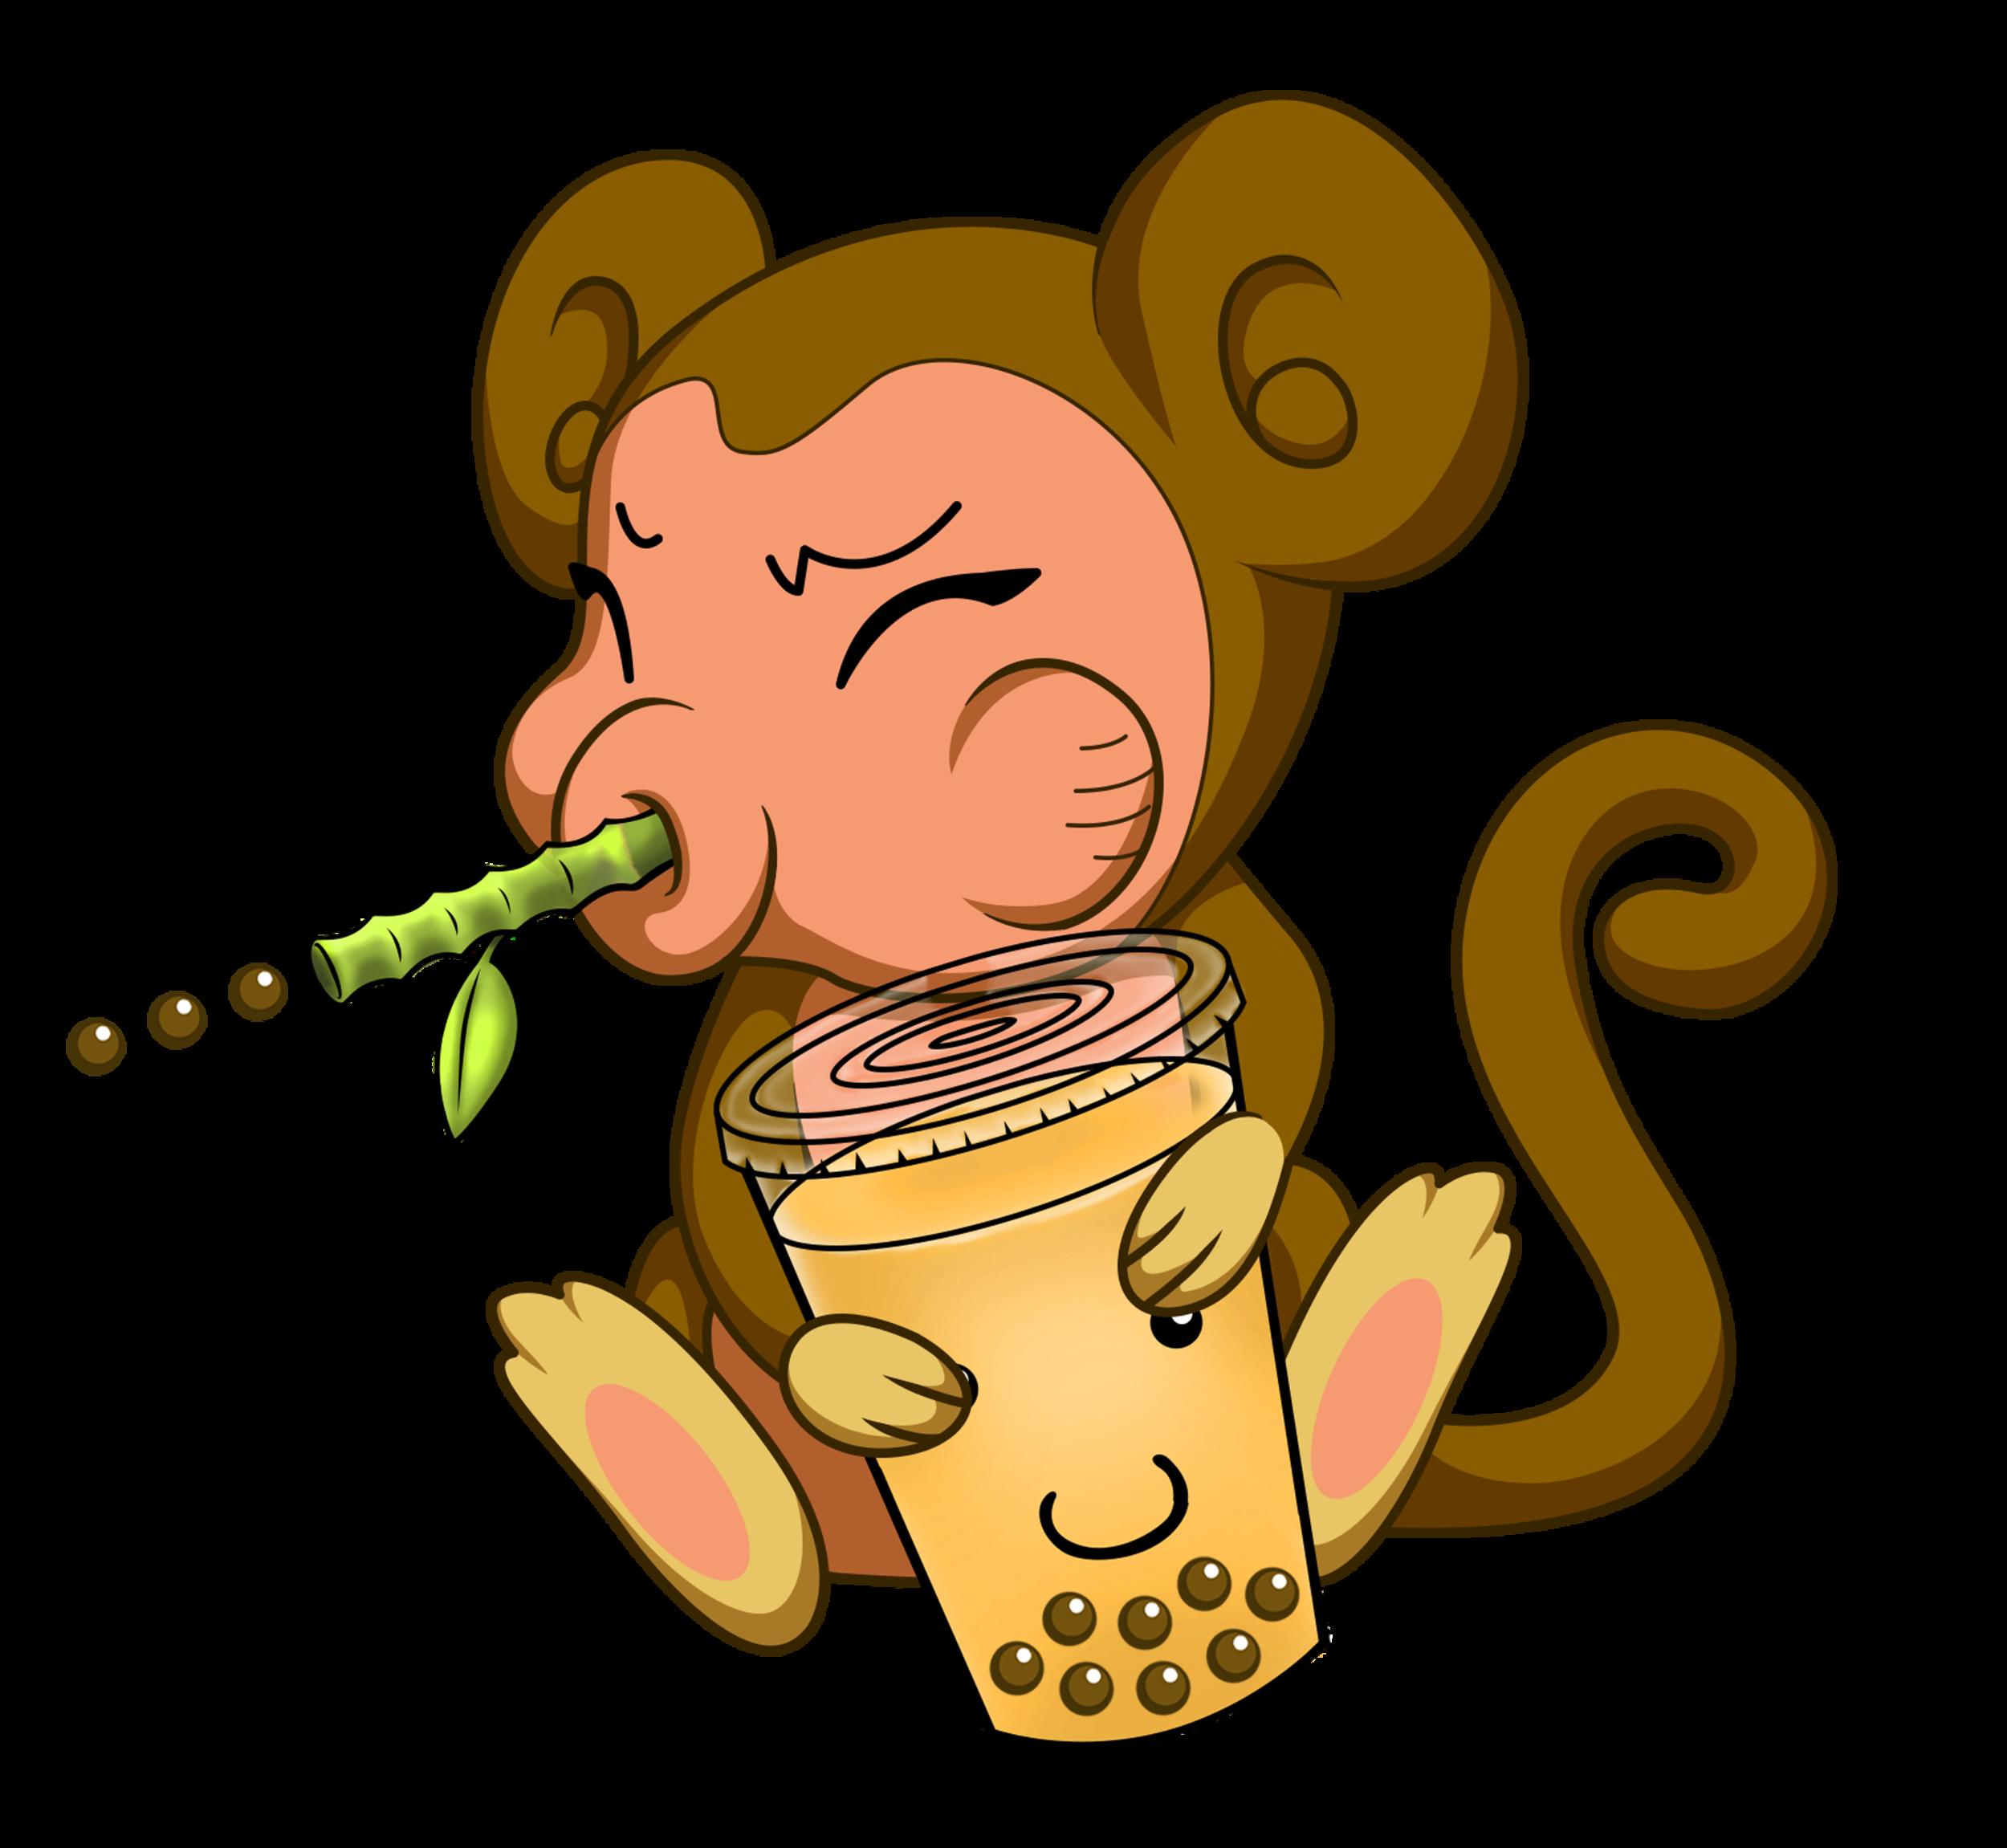 bobaddiction-monkey-fixed.png